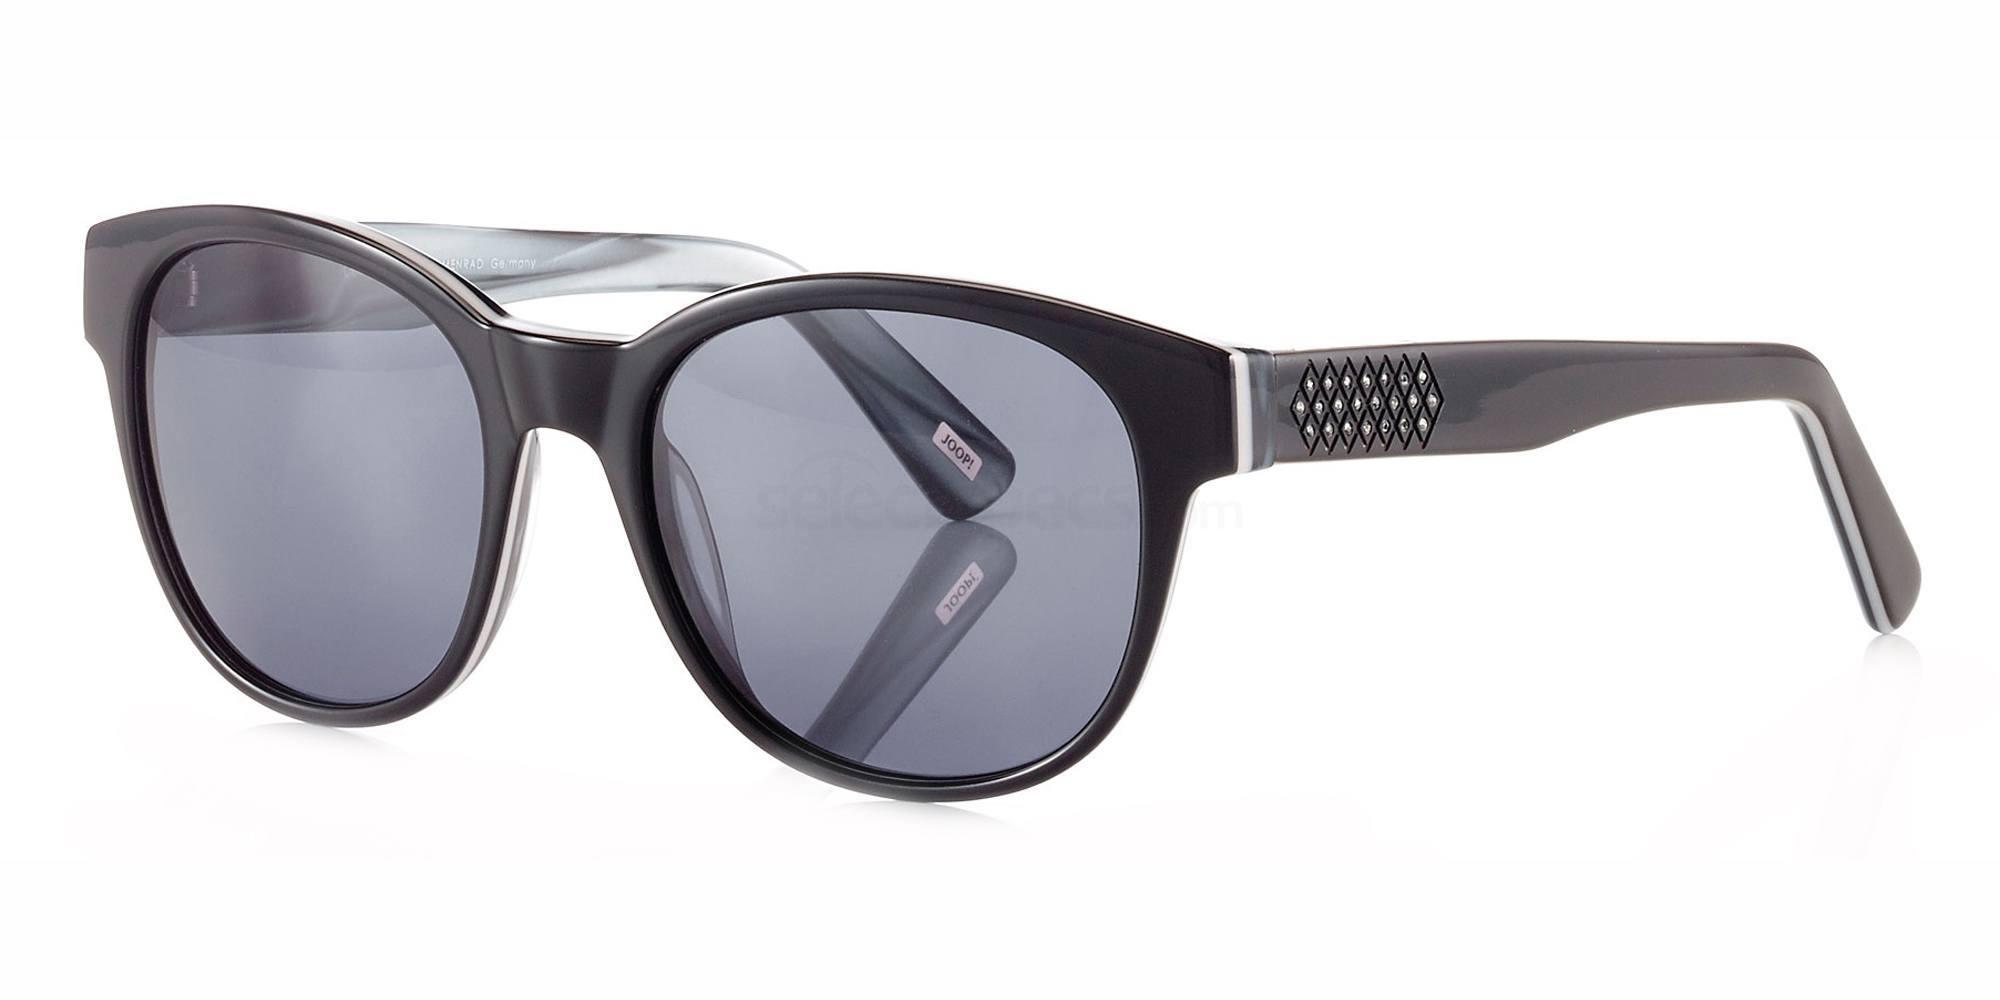 4059 87194 Sunglasses, JOOP Eyewear